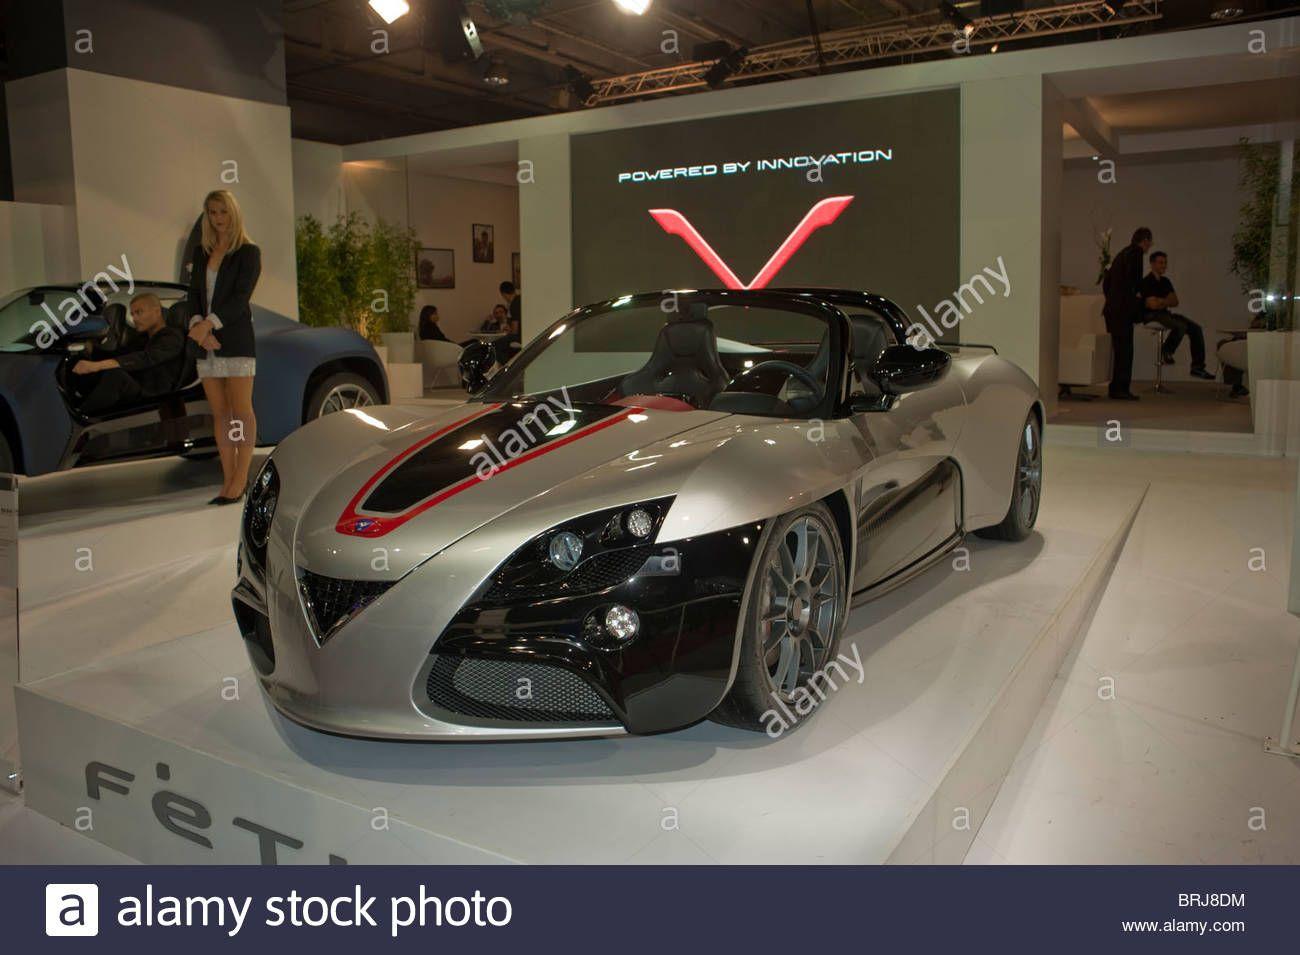 Luxury Electric Cars Paris France Paris Car Show Venturi Luxury Electric Car Show Electric Cars Car